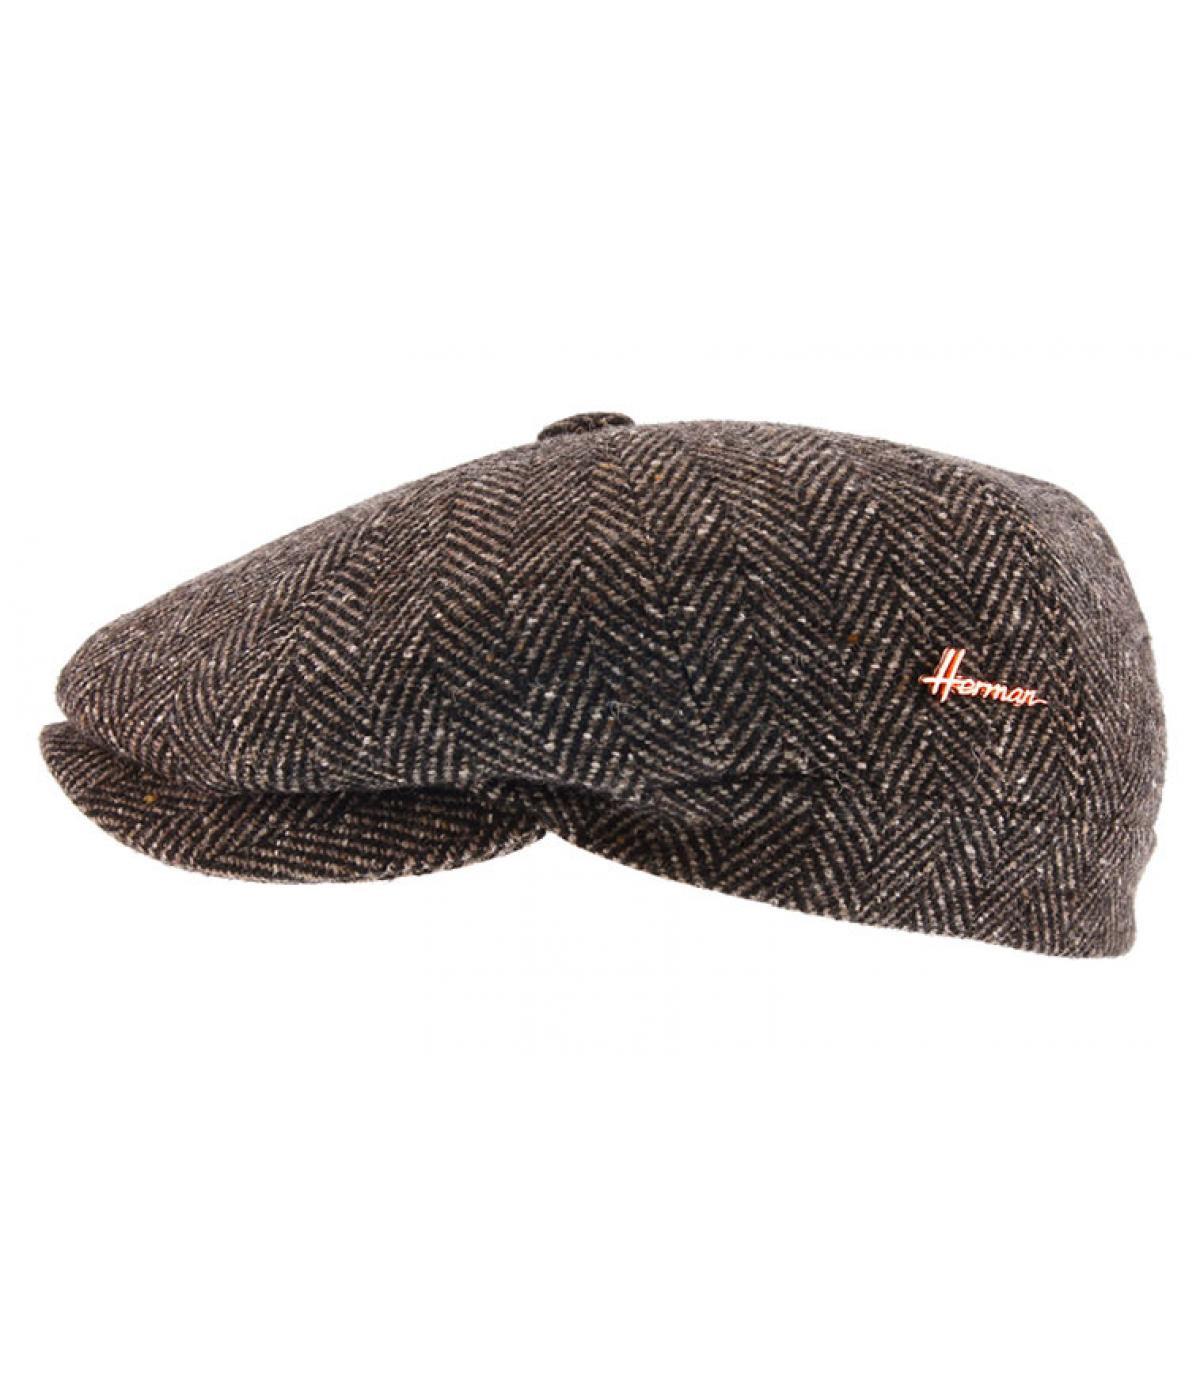 Details Advancer Wool brown - Abbildung 2